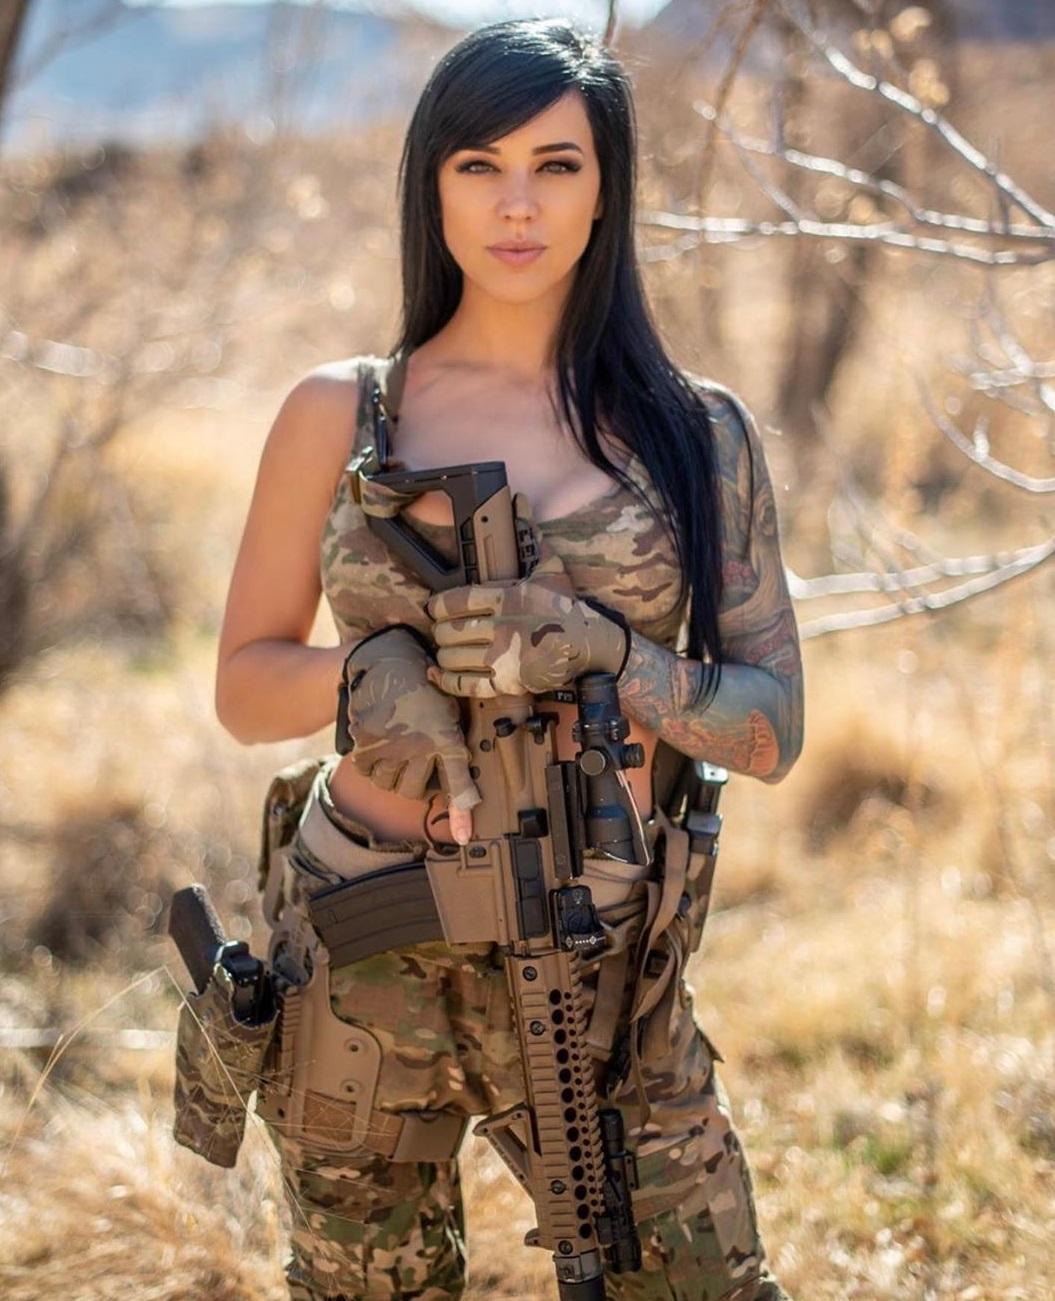 Alex Zedra gun photo